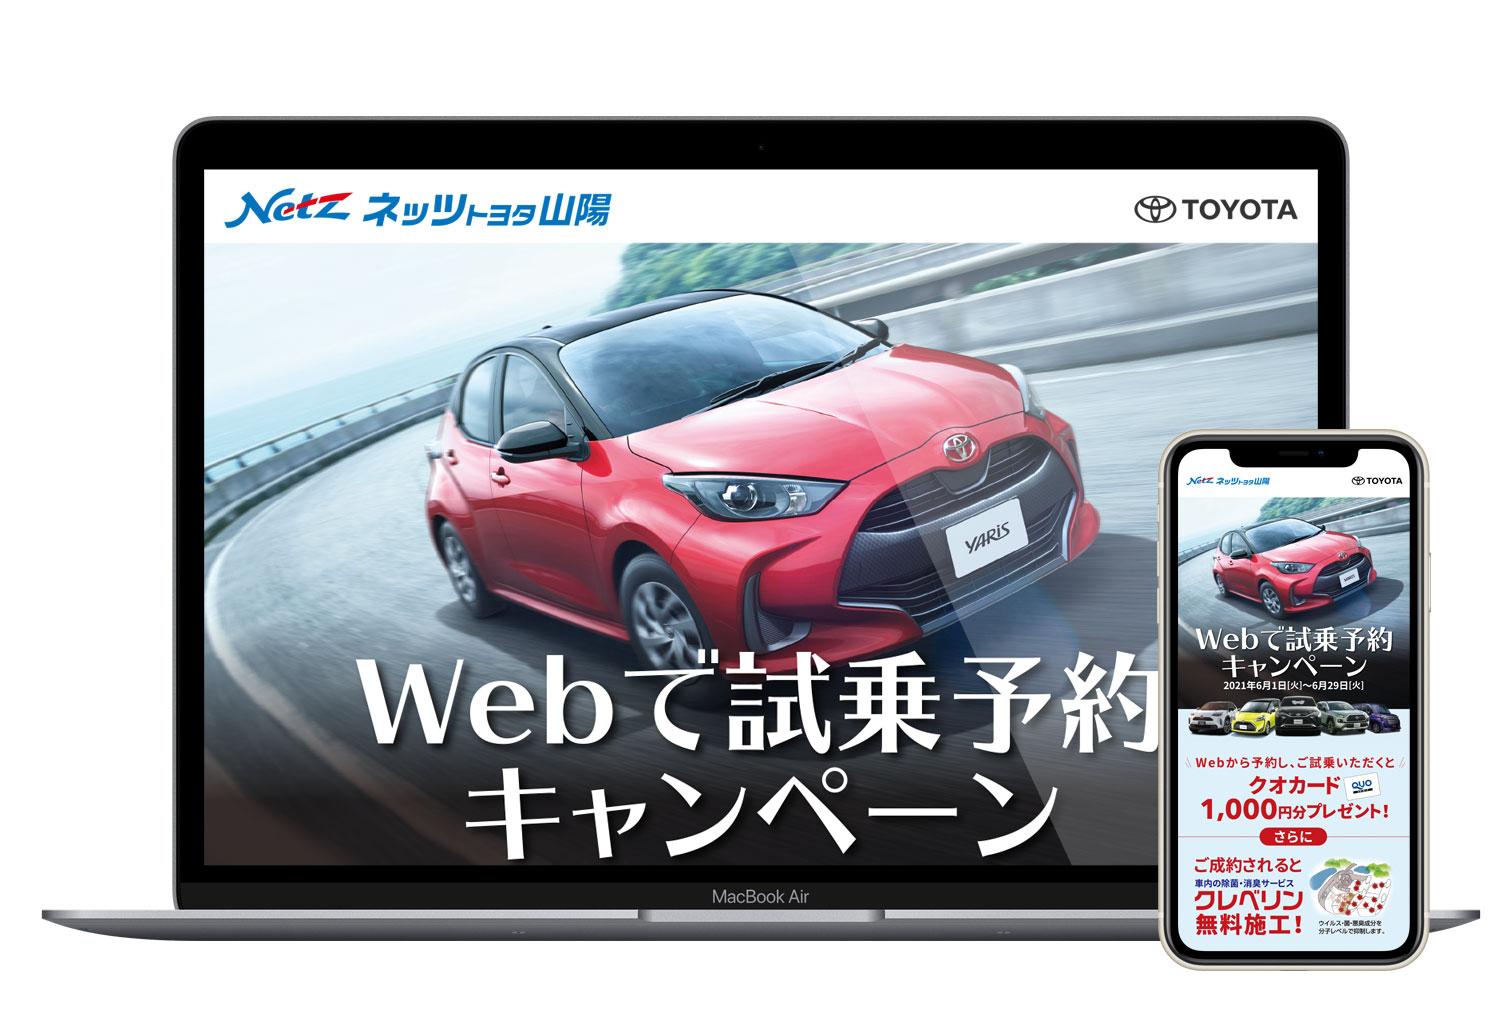 ネッツトヨタ山陽株式会社様 Webで試乗予約キャンペーン LP・Web広告